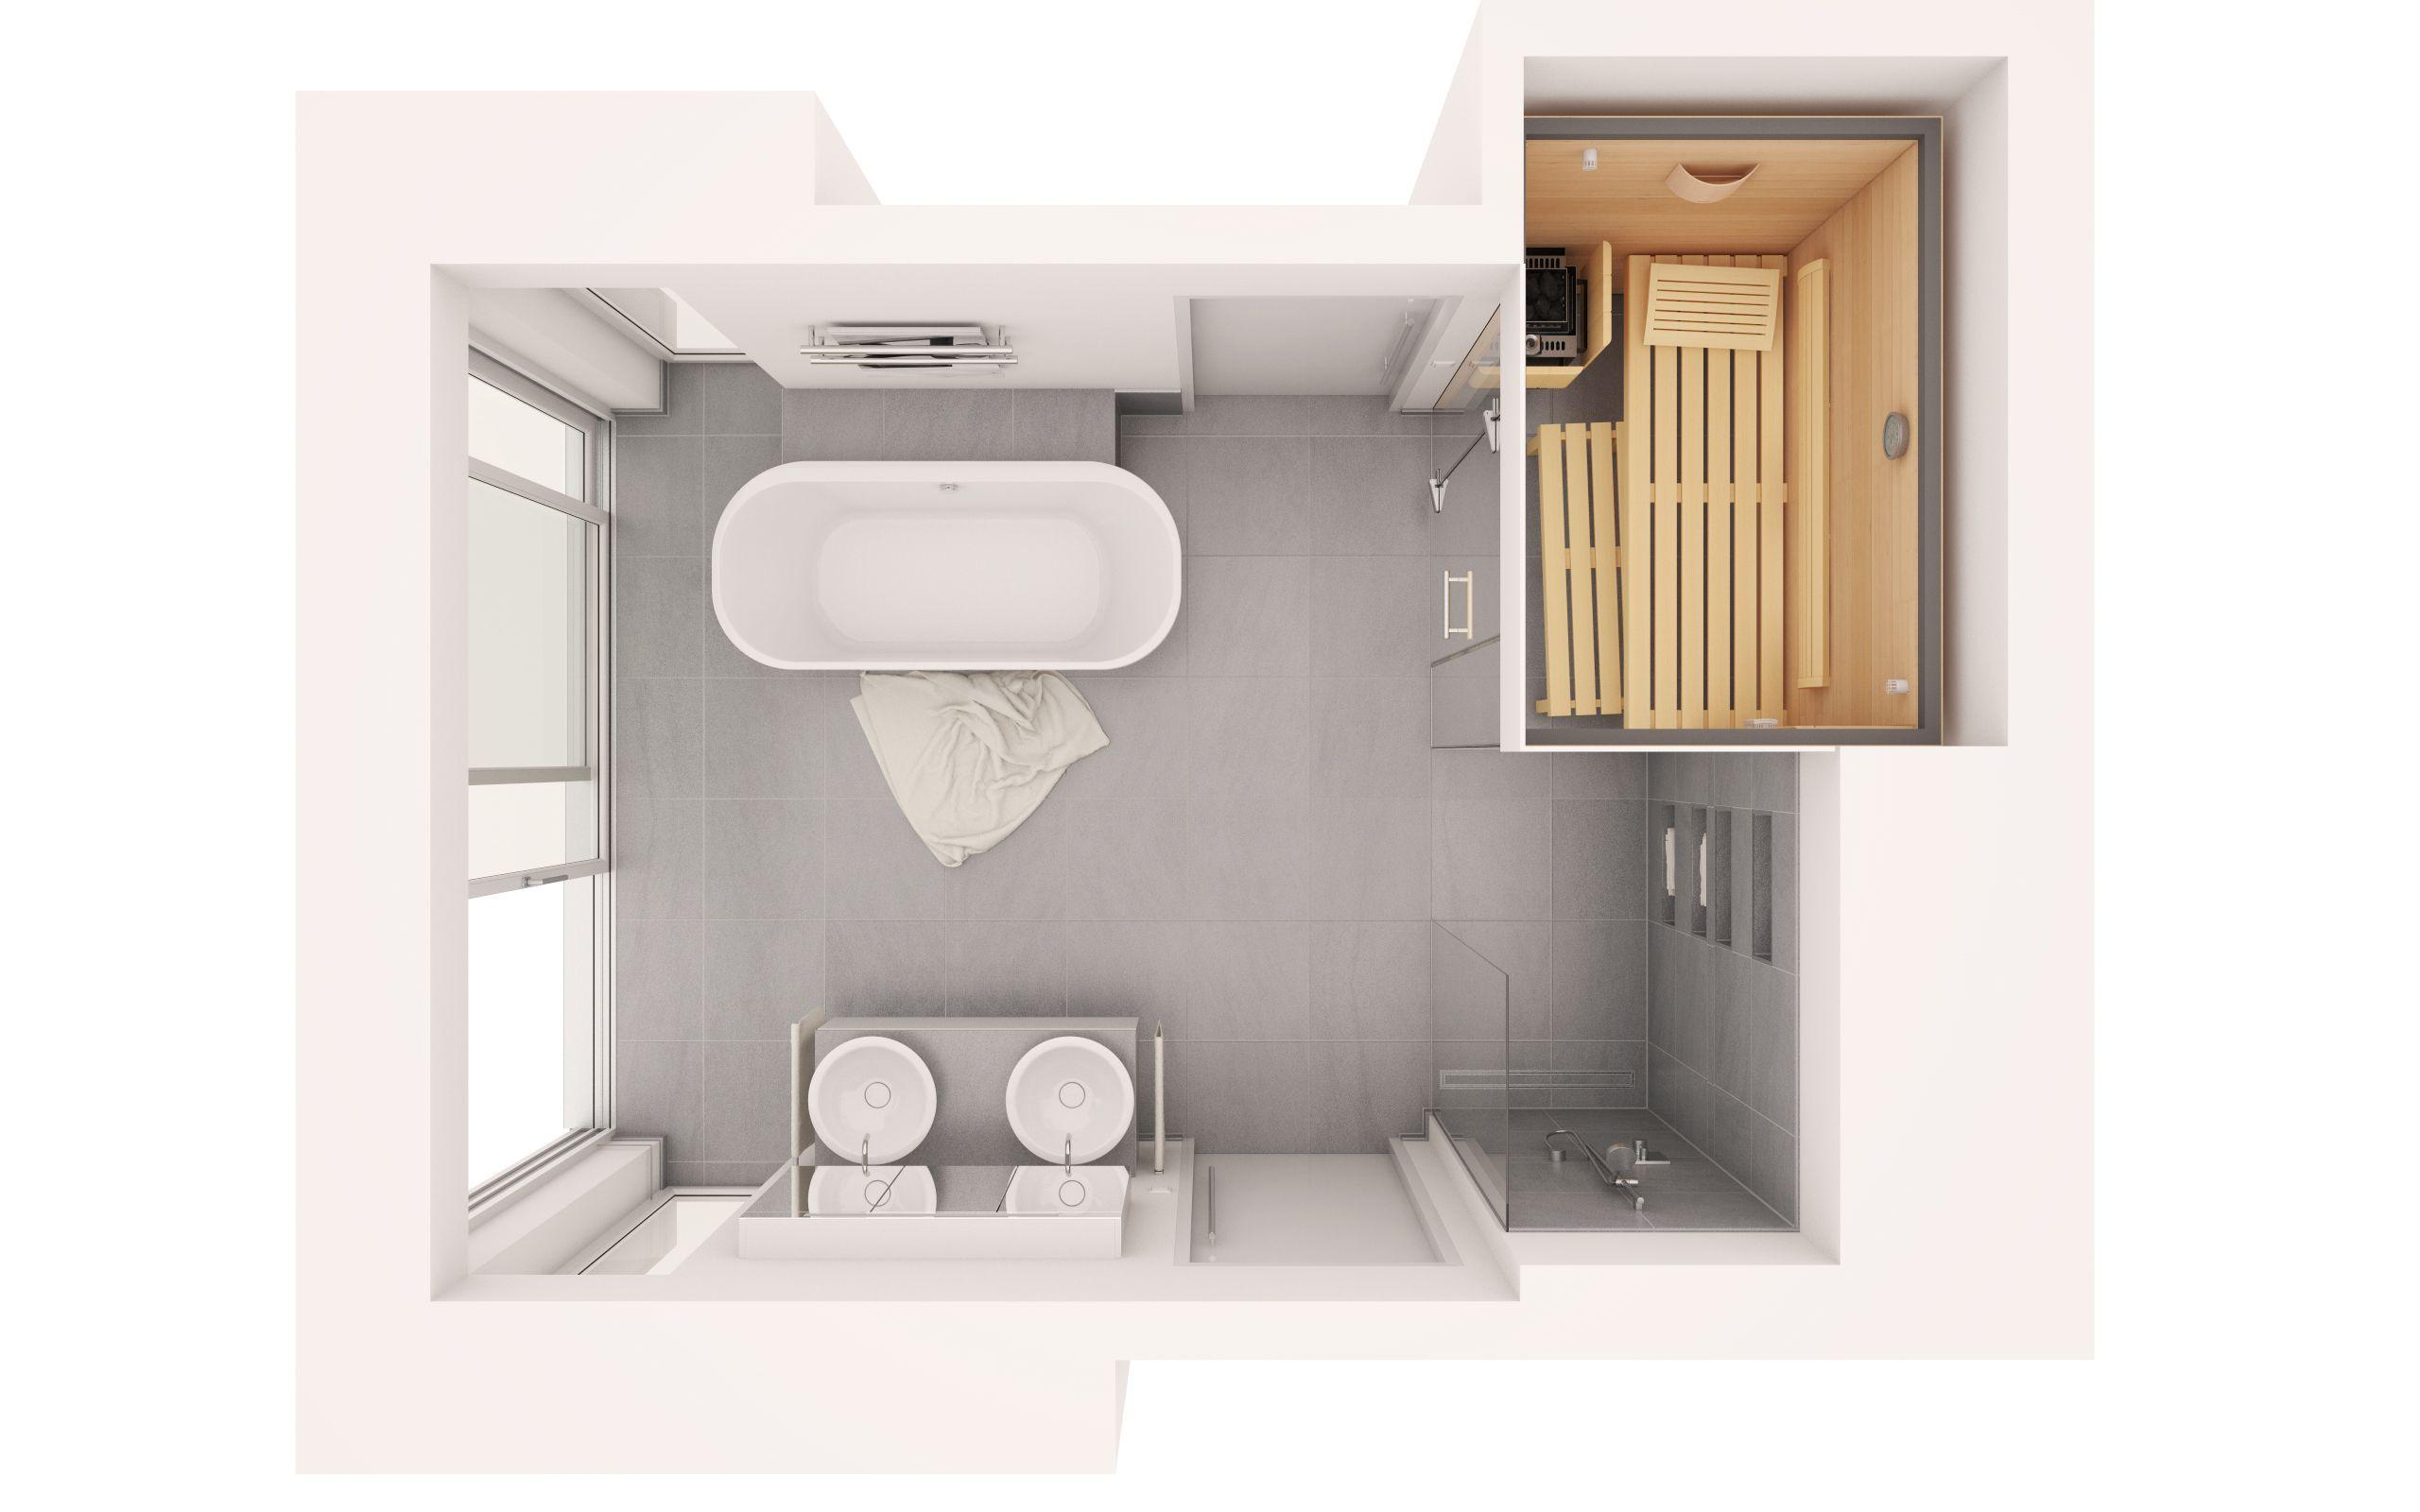 badezimmer sauna klein Bathroom floor plans, Sauna